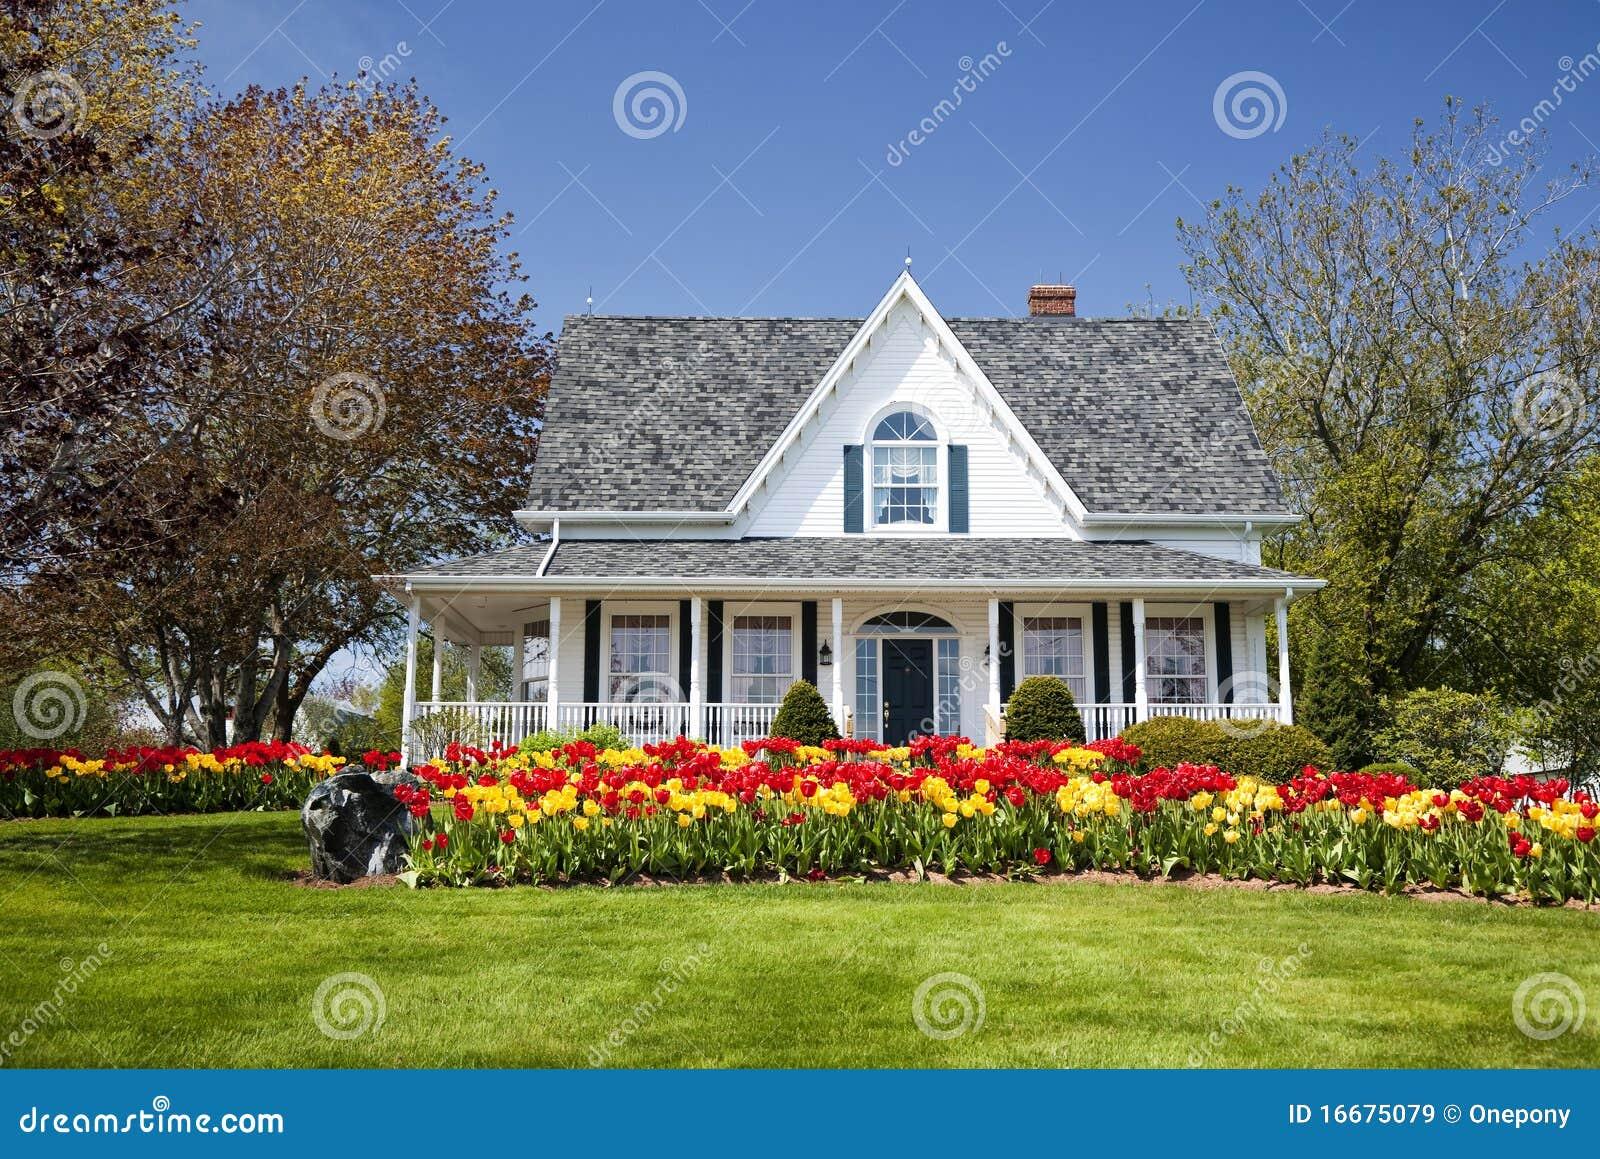 Het huis van de tulp stock afbeelding afbeelding bestaande uit bloemen 16675079 - Ingang van het hedendaagse huis ...